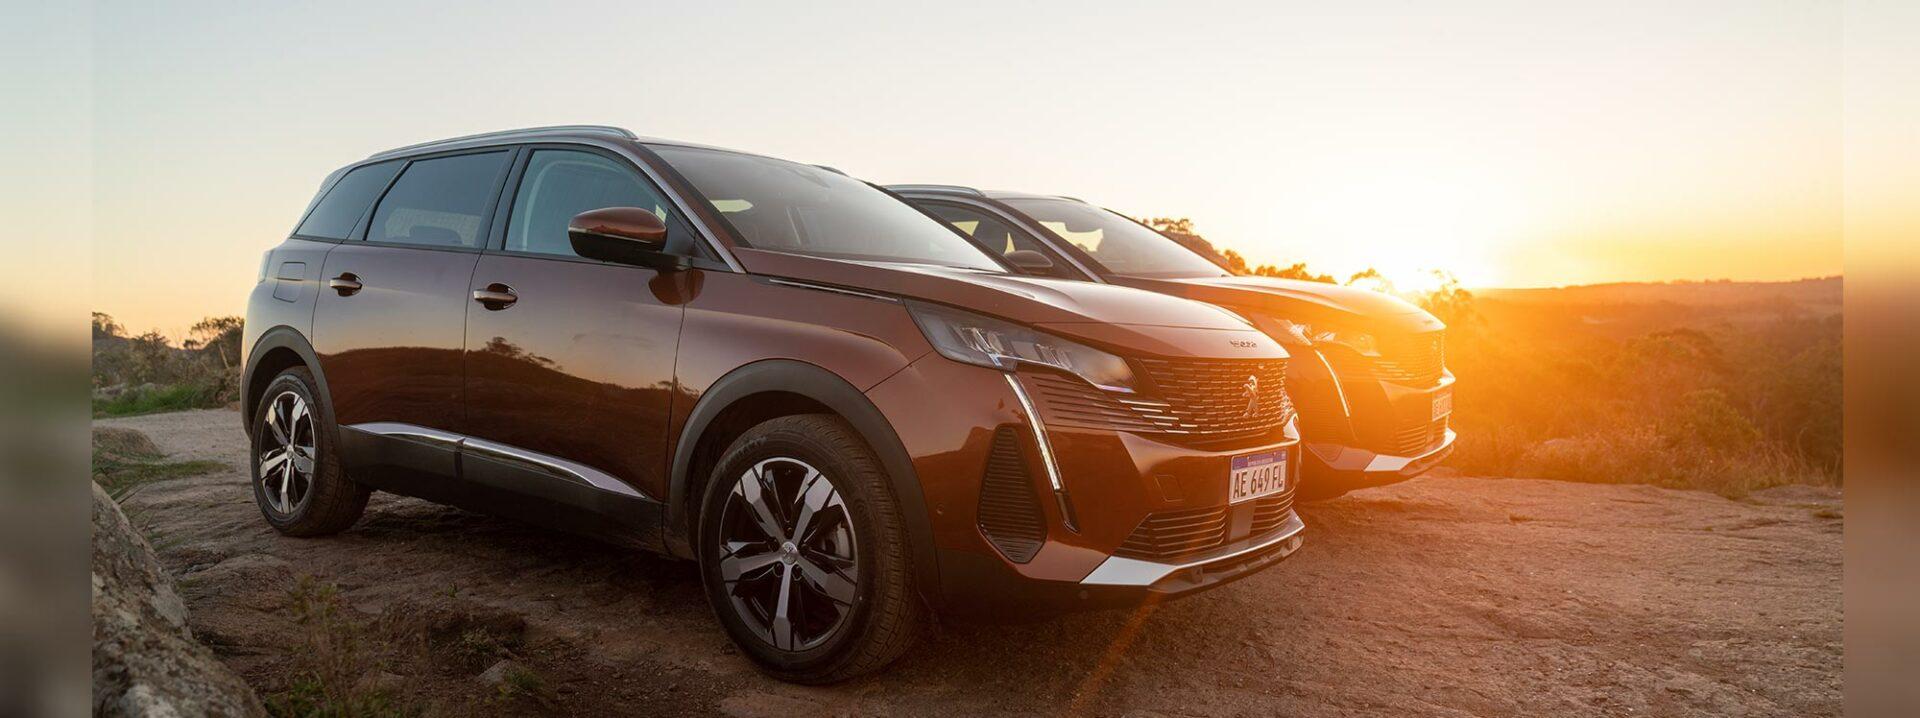 La nueva generación de Peugeot da un giro al concepto de SUV compacto